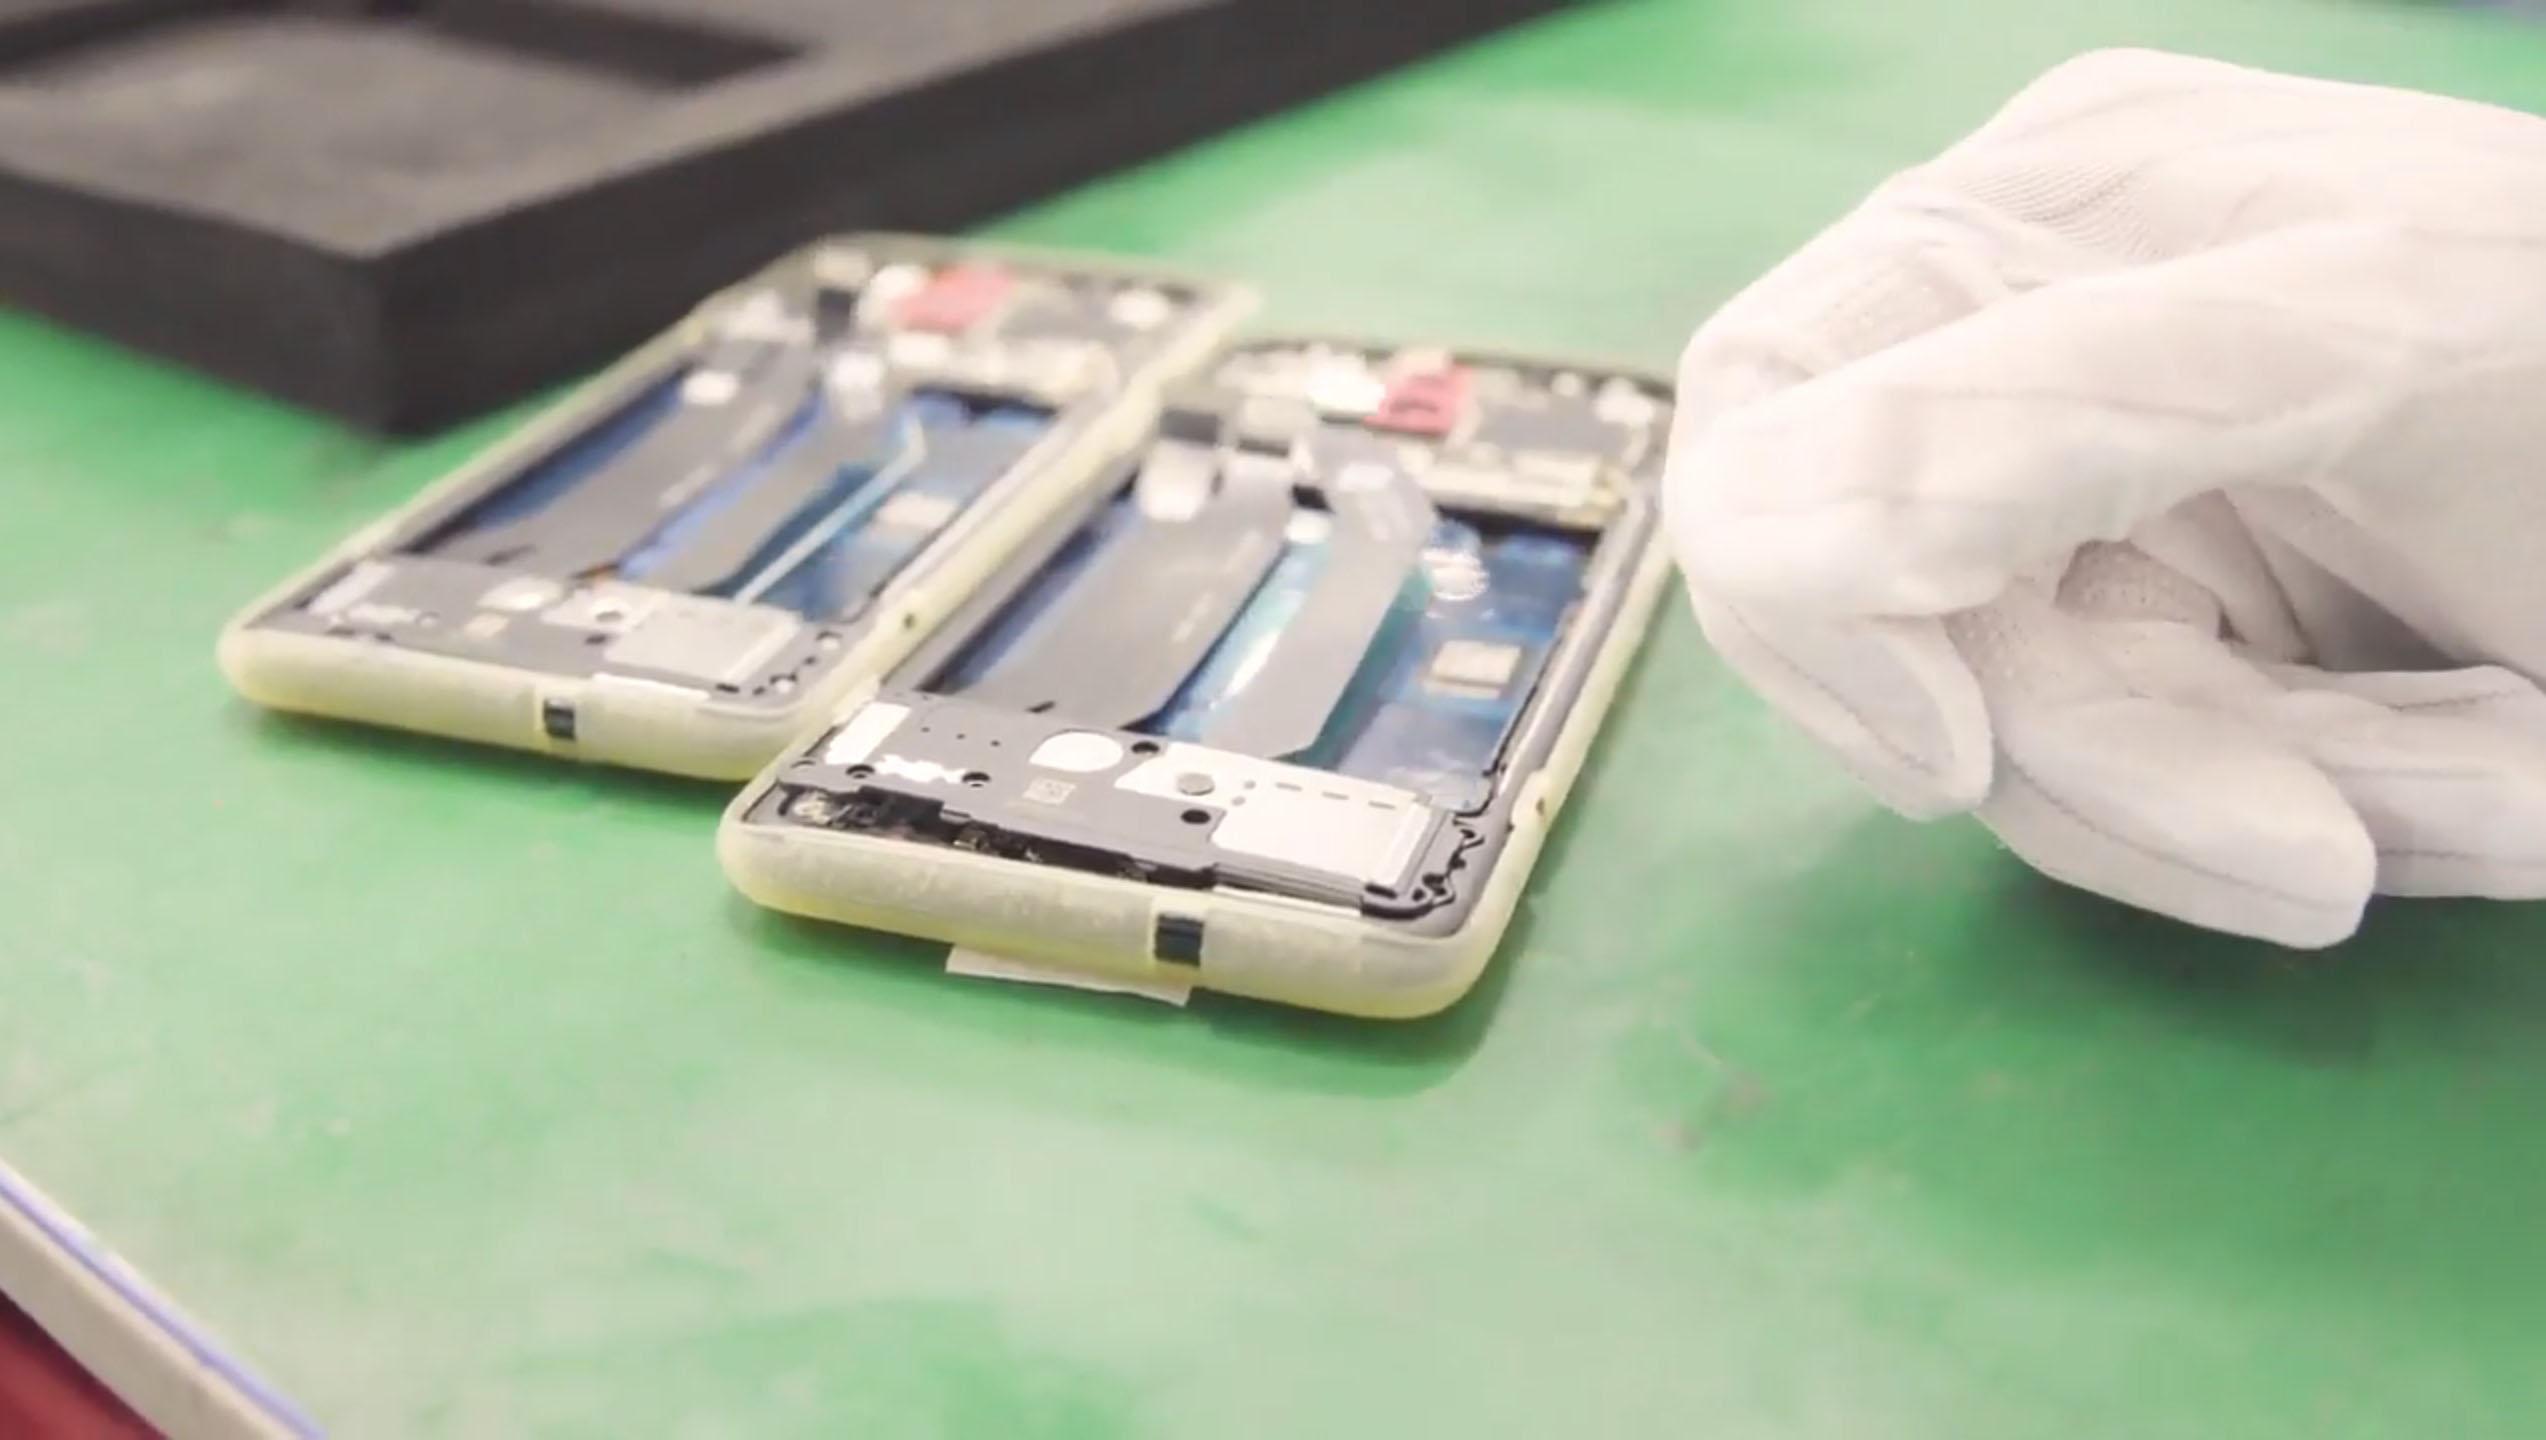 Comment est fabriqué un OnePlus 6 ? Jojol vous fait visiter l'usine